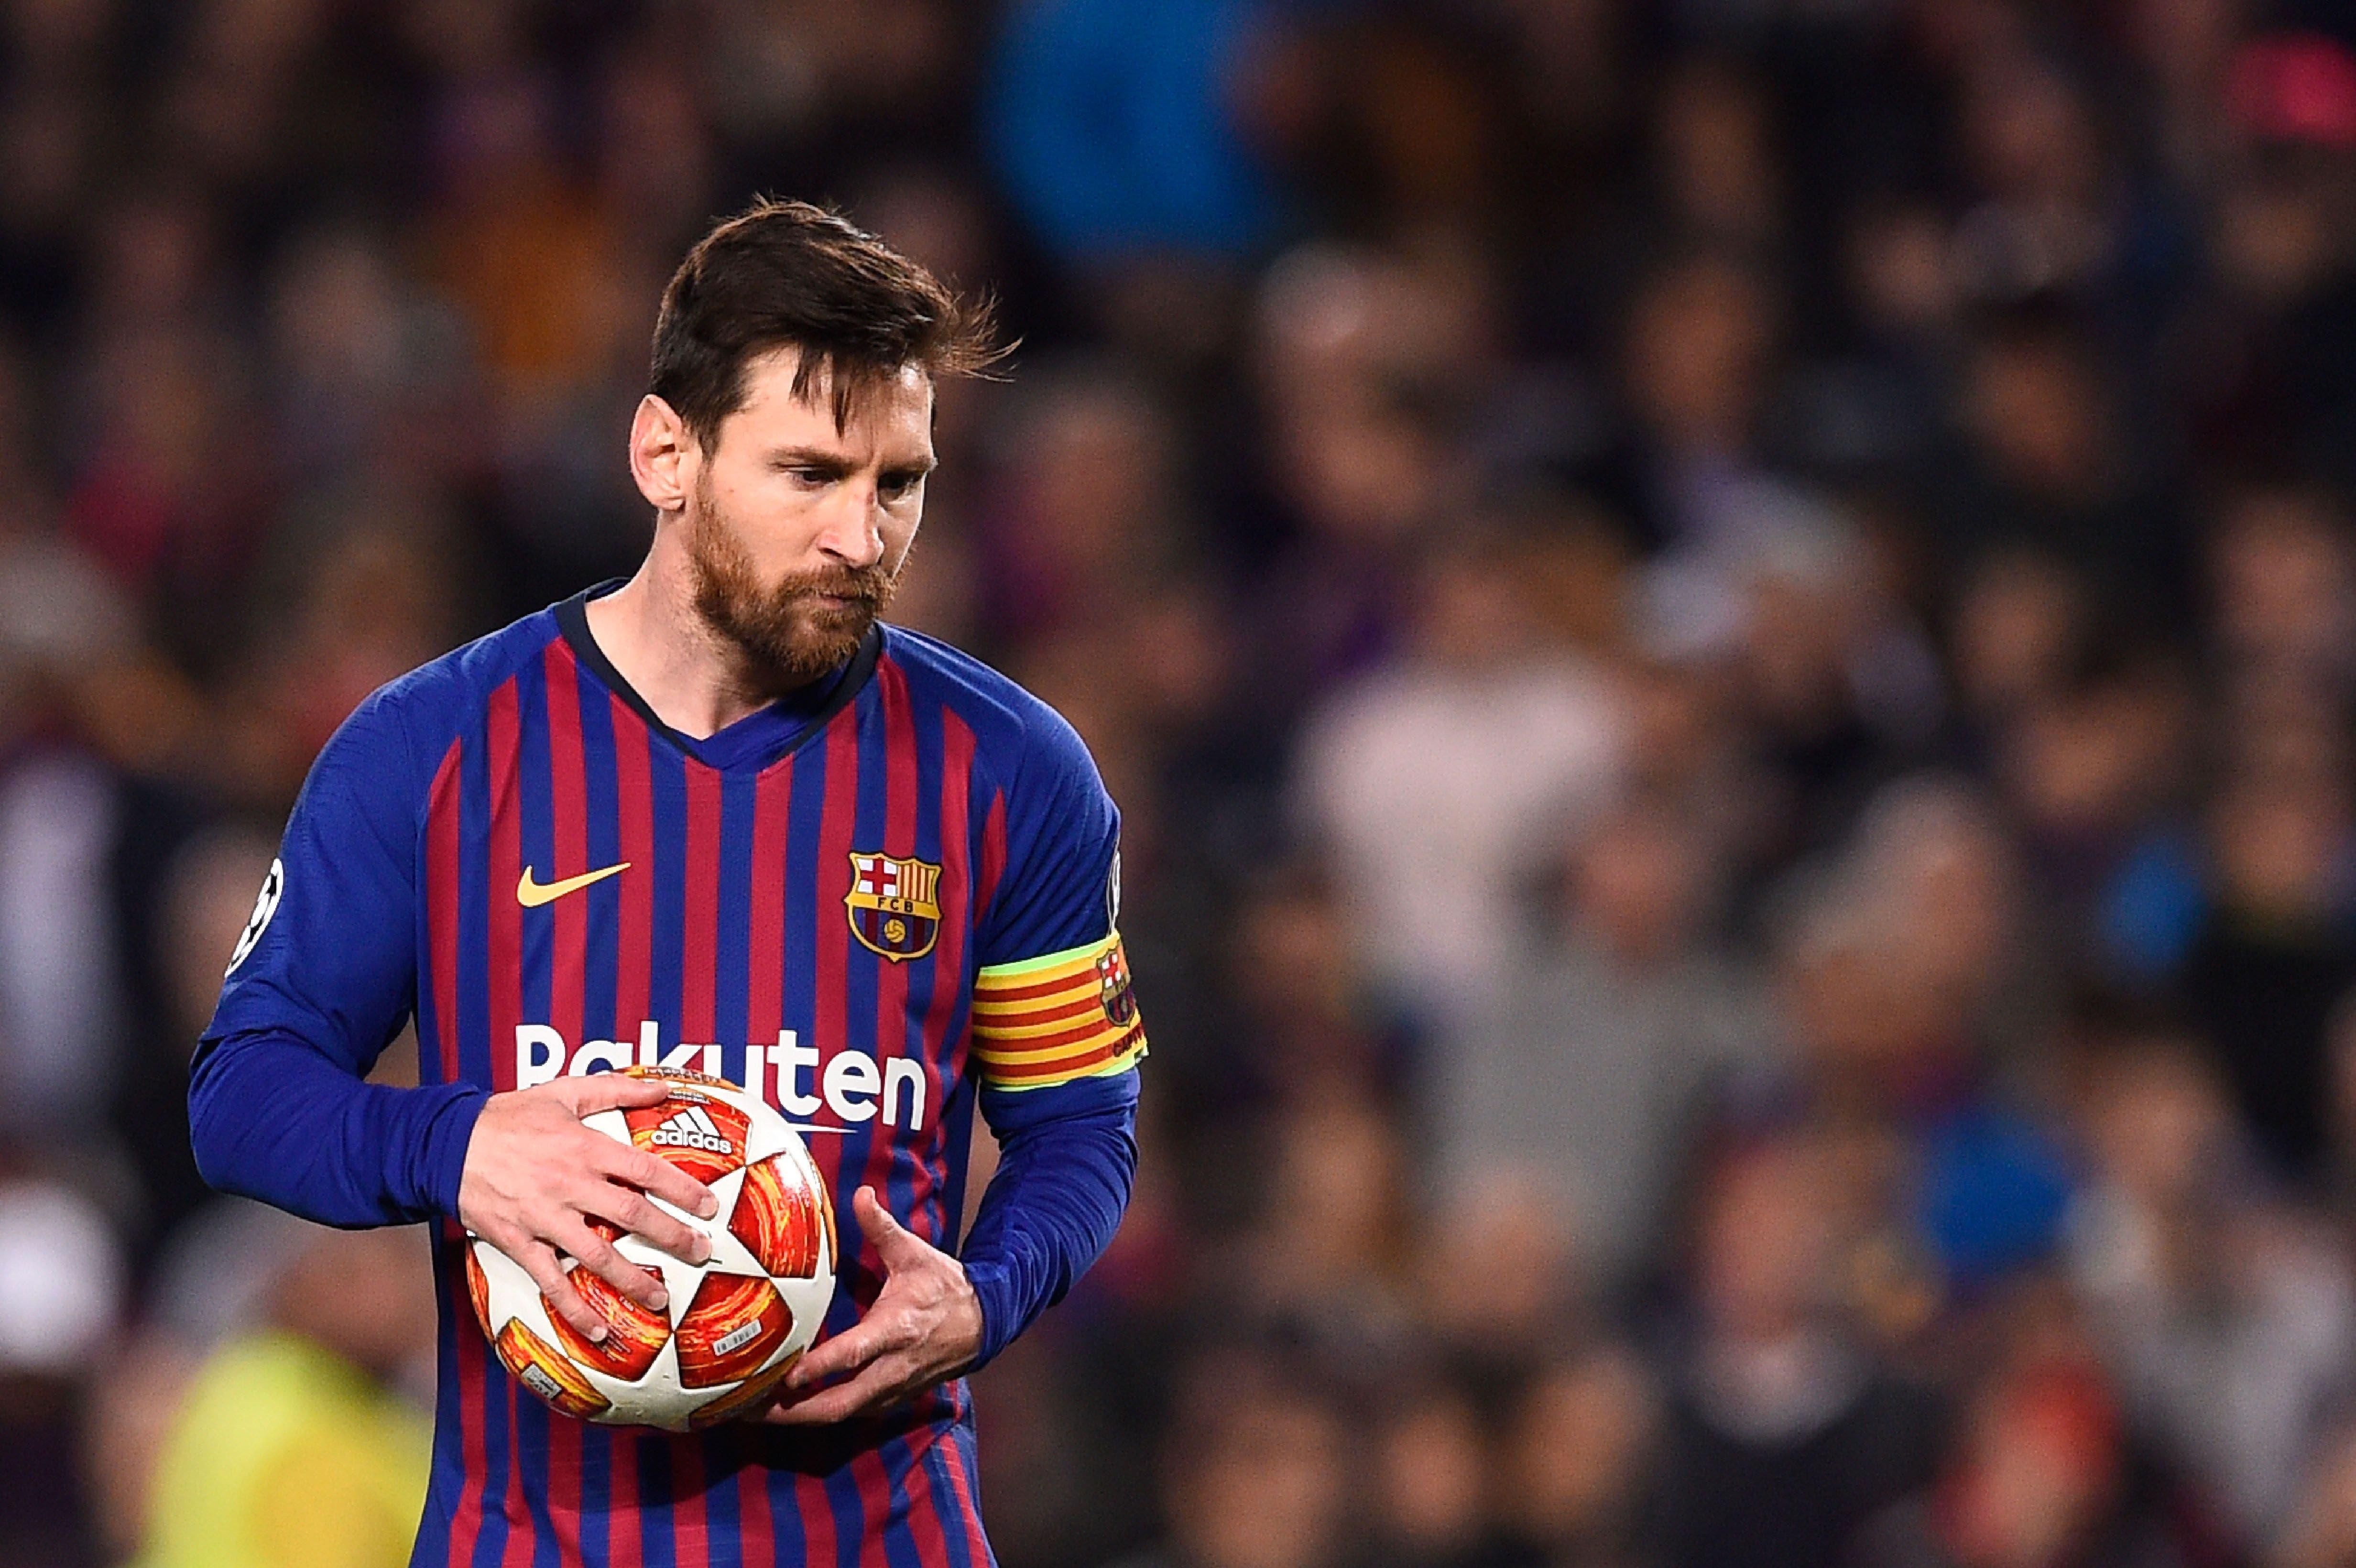 Agenda de TV de sábado: City-Tottenham, Barcelona y la Copa de la Superliga